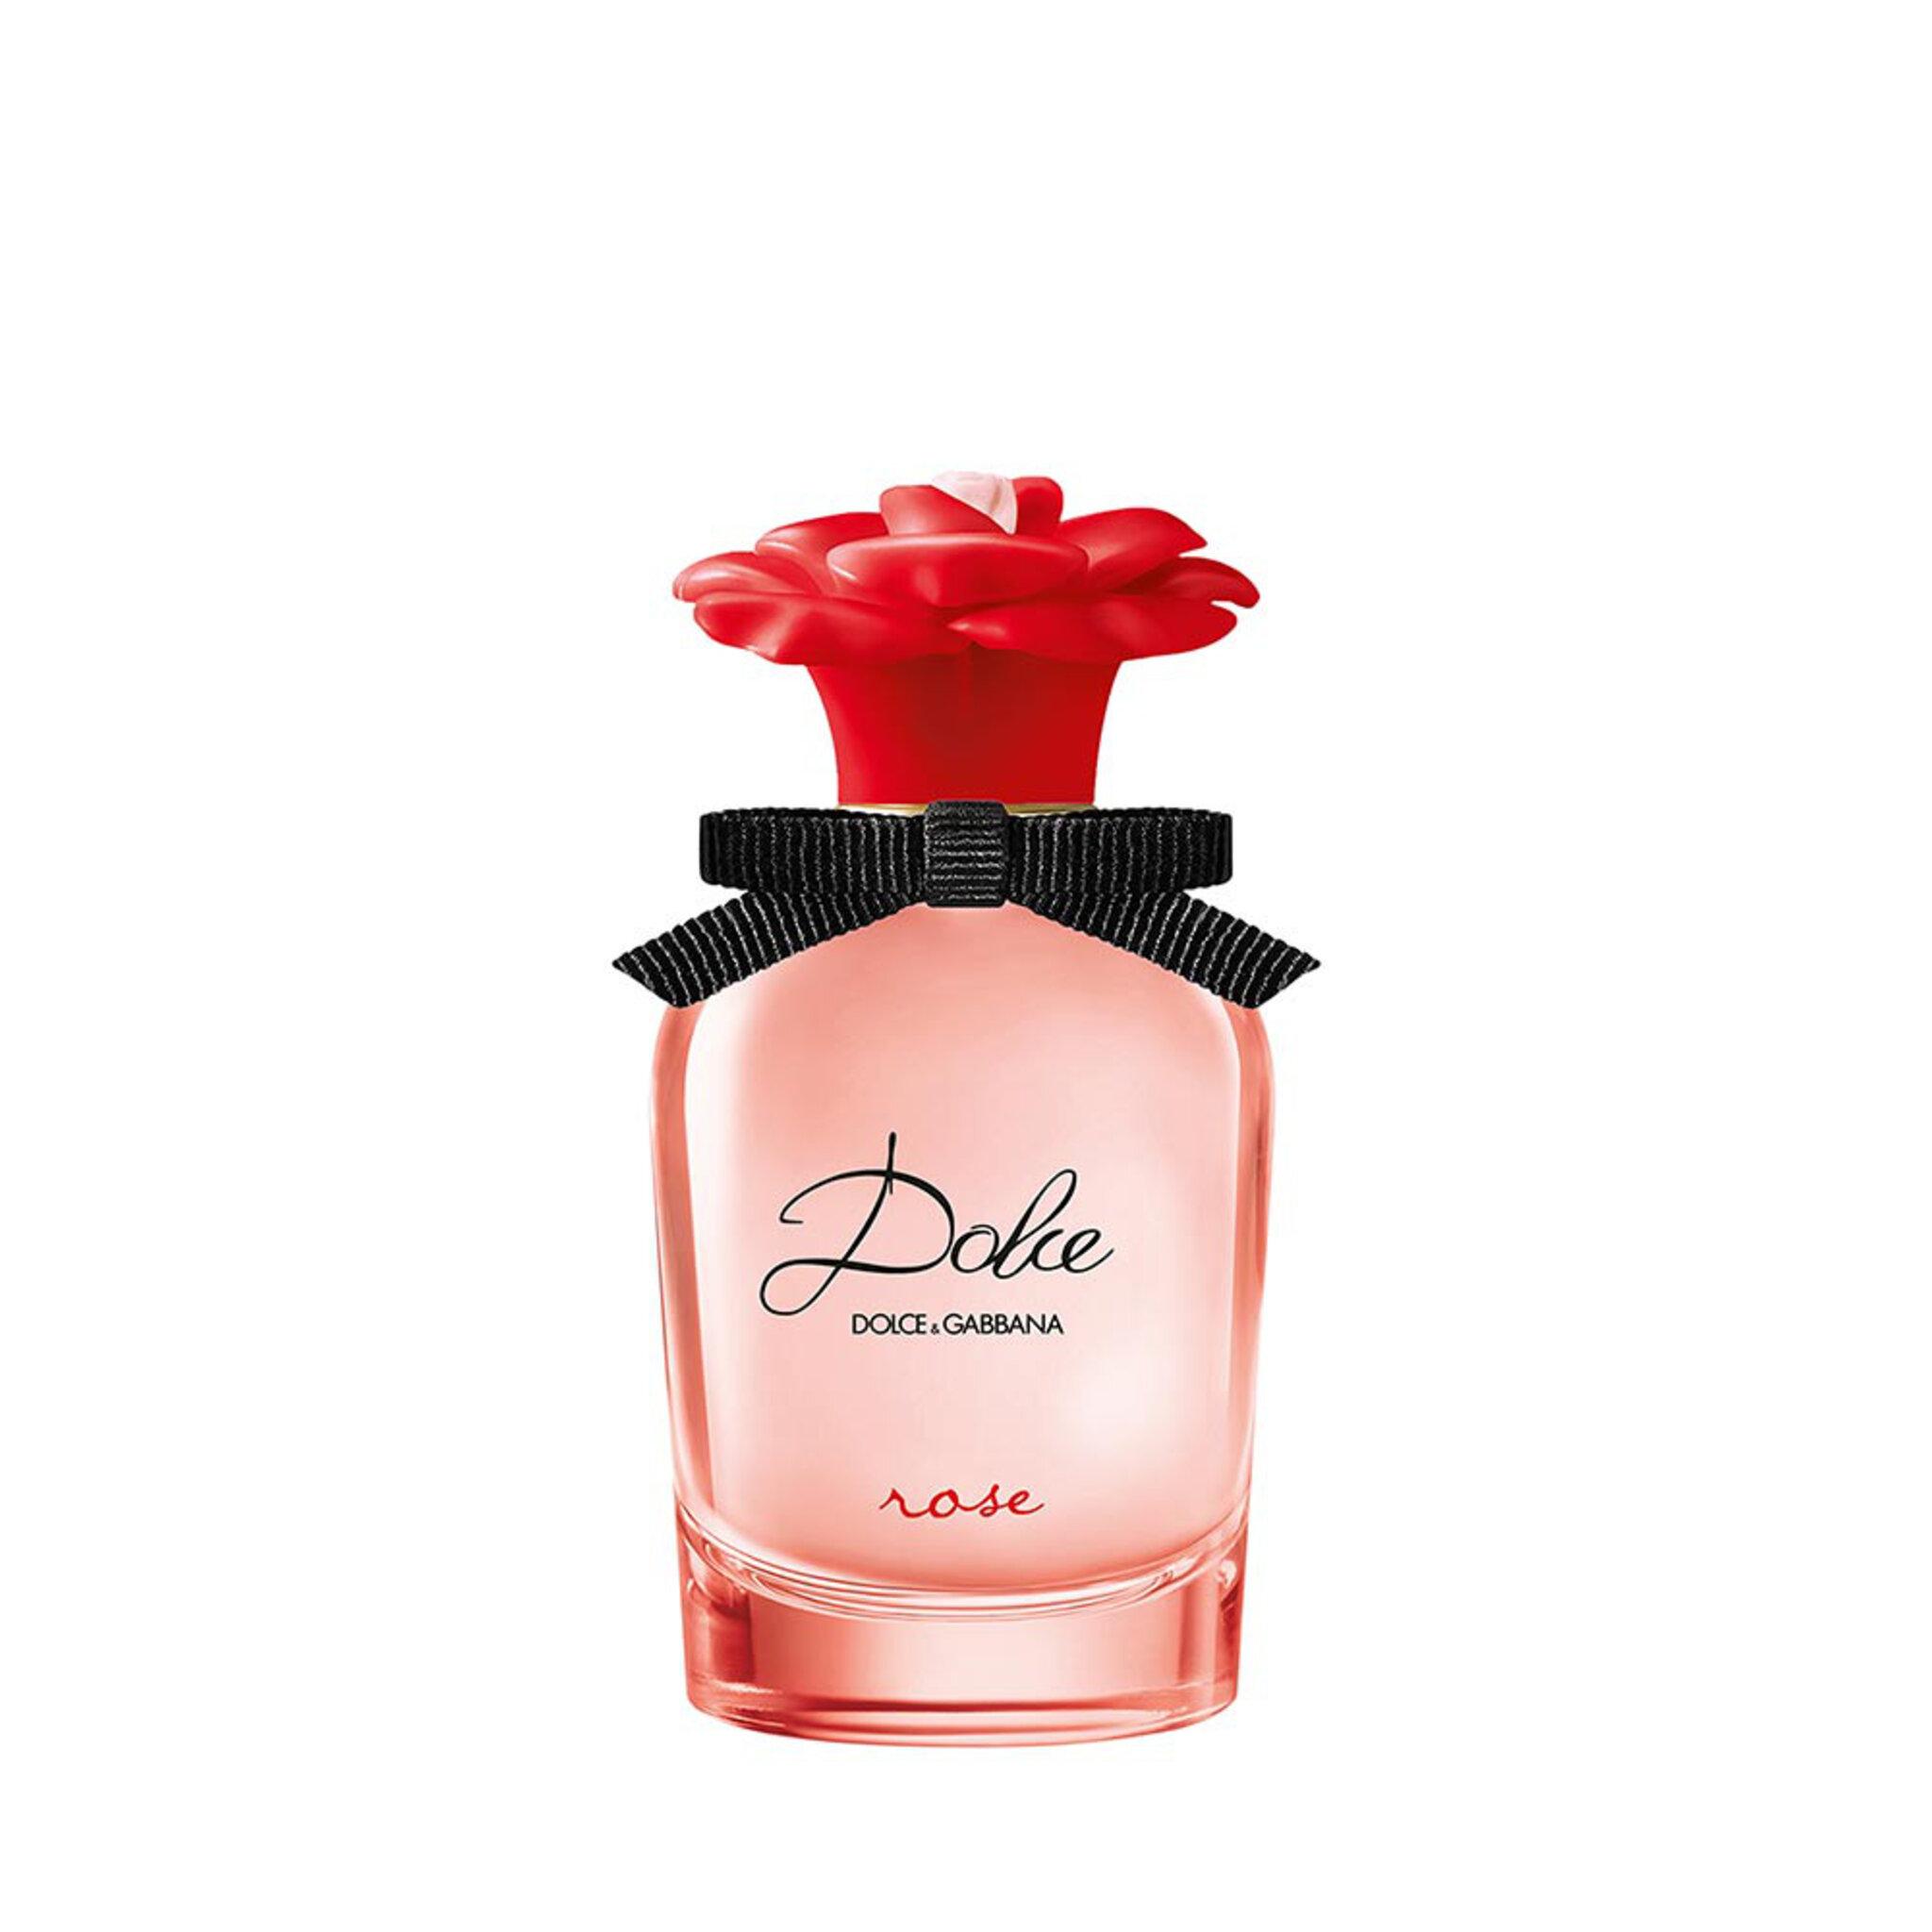 Dolce Rose EdT